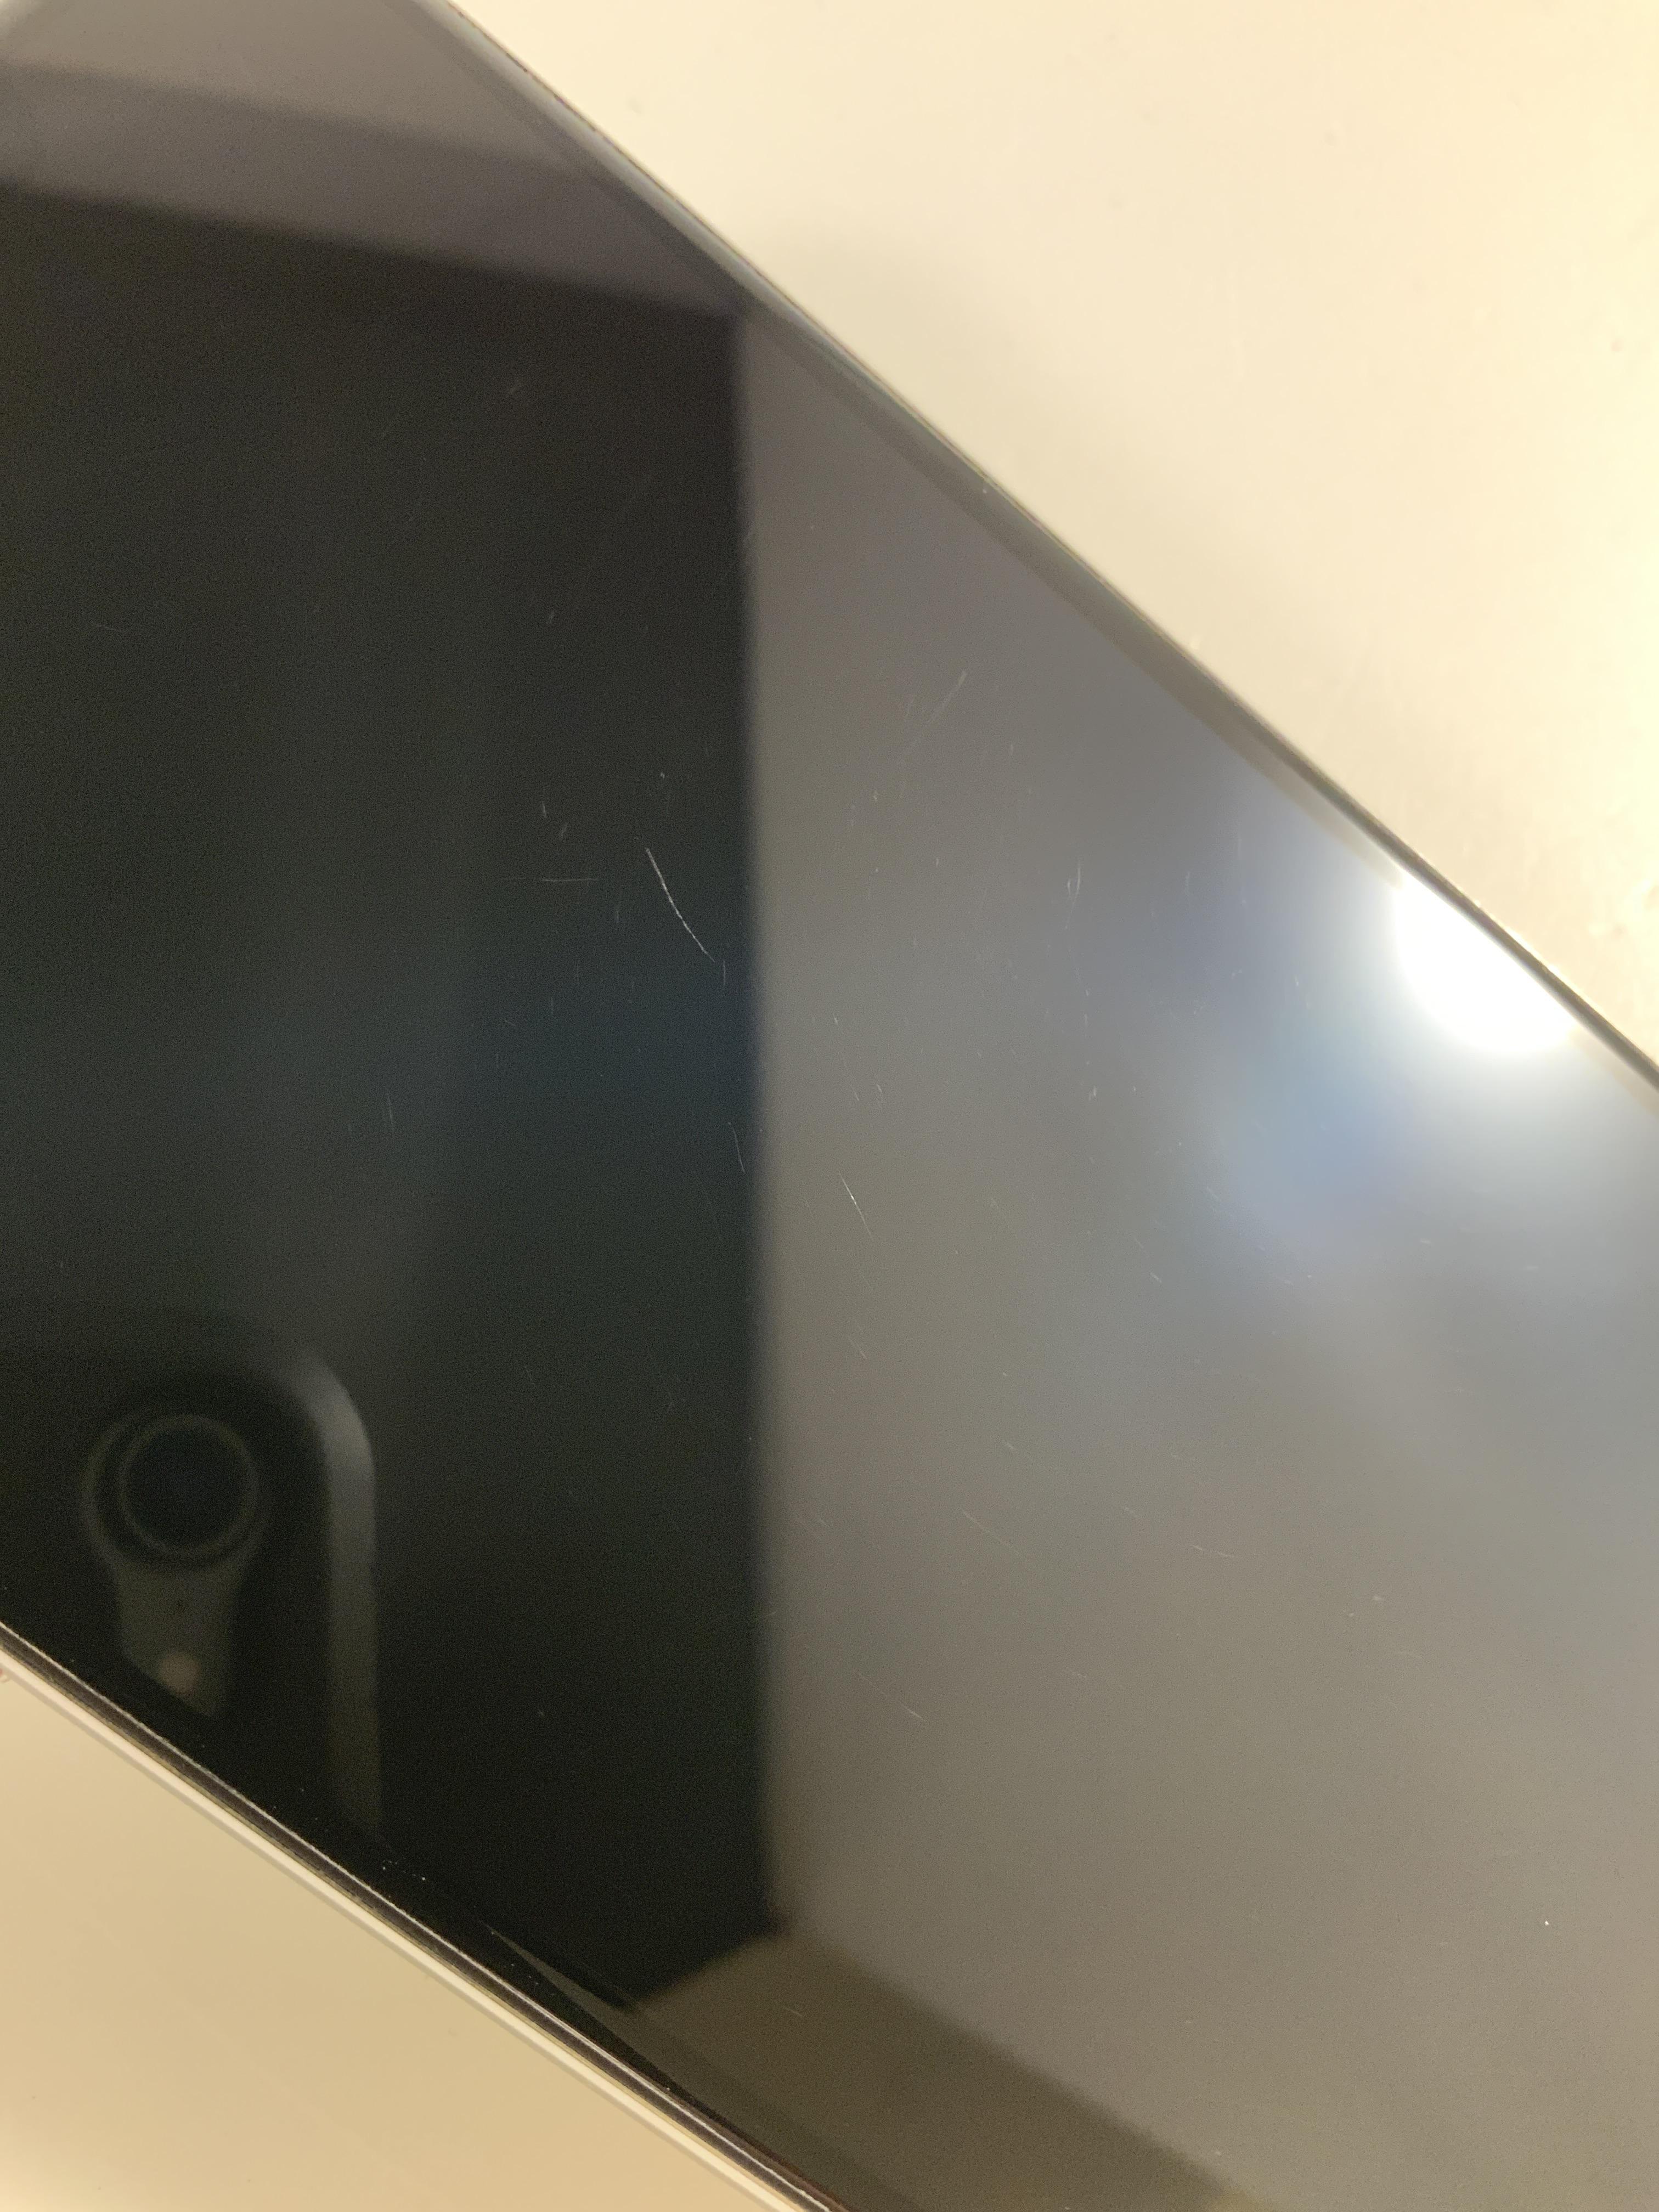 iPhone XS Max 64GB, 64GB, Silver, obraz 2